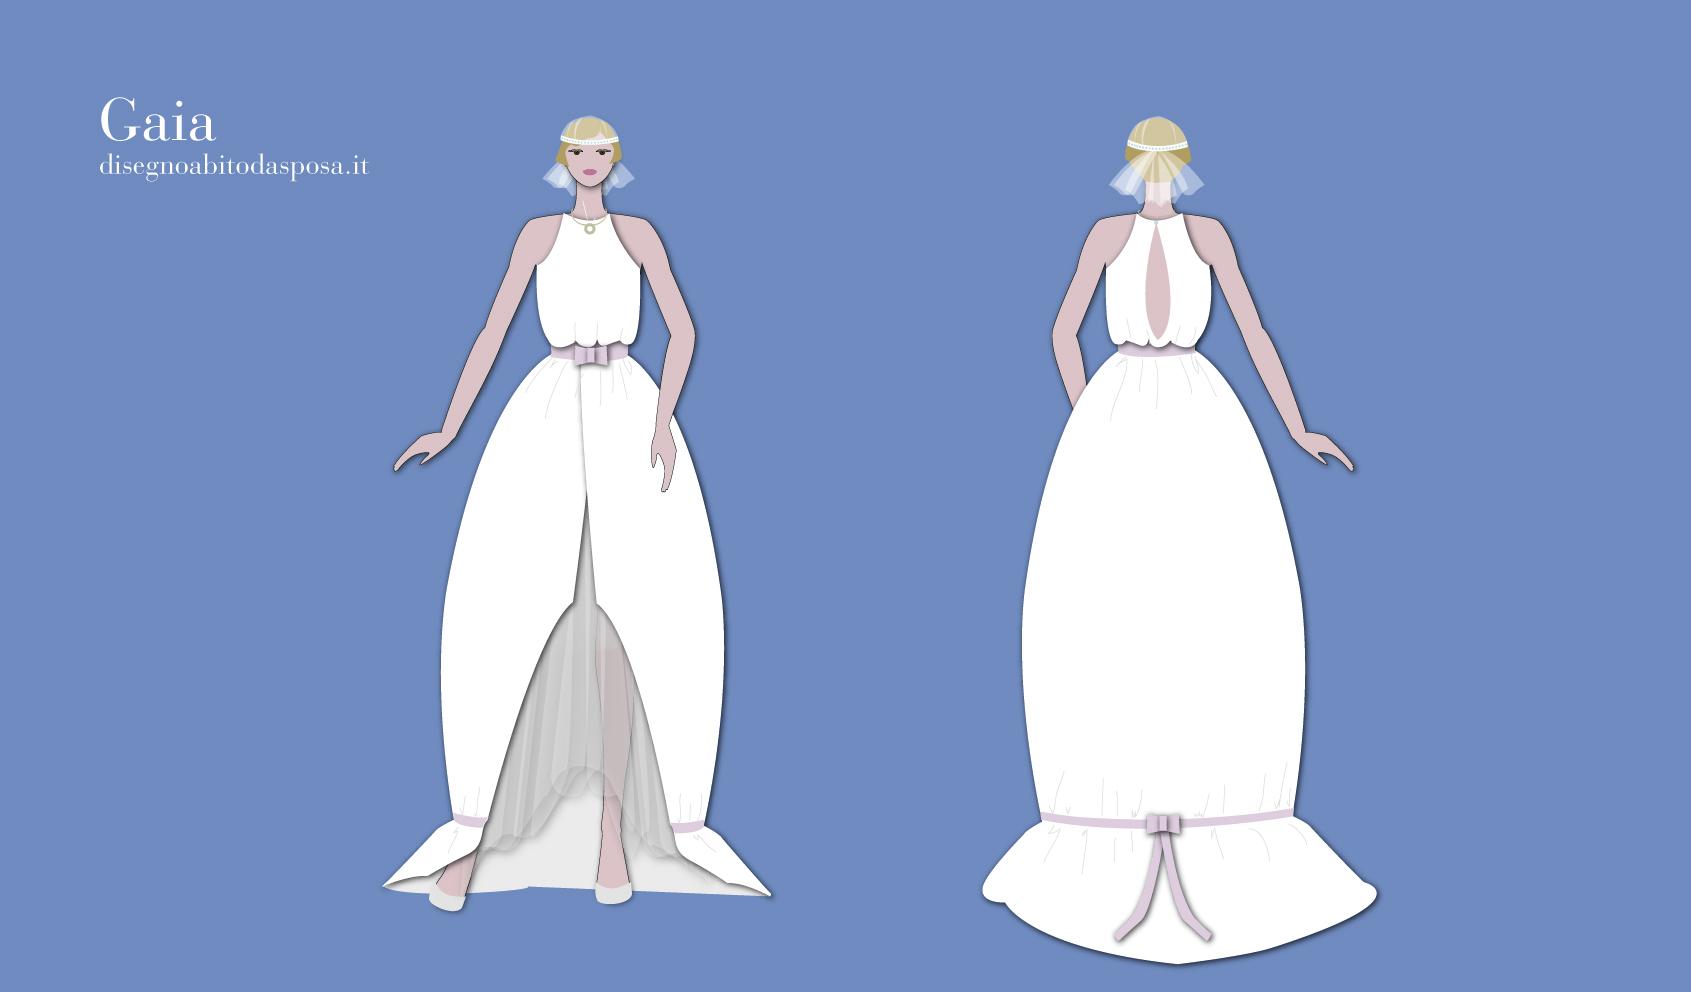 Modello dell'abito da sposa Gaia